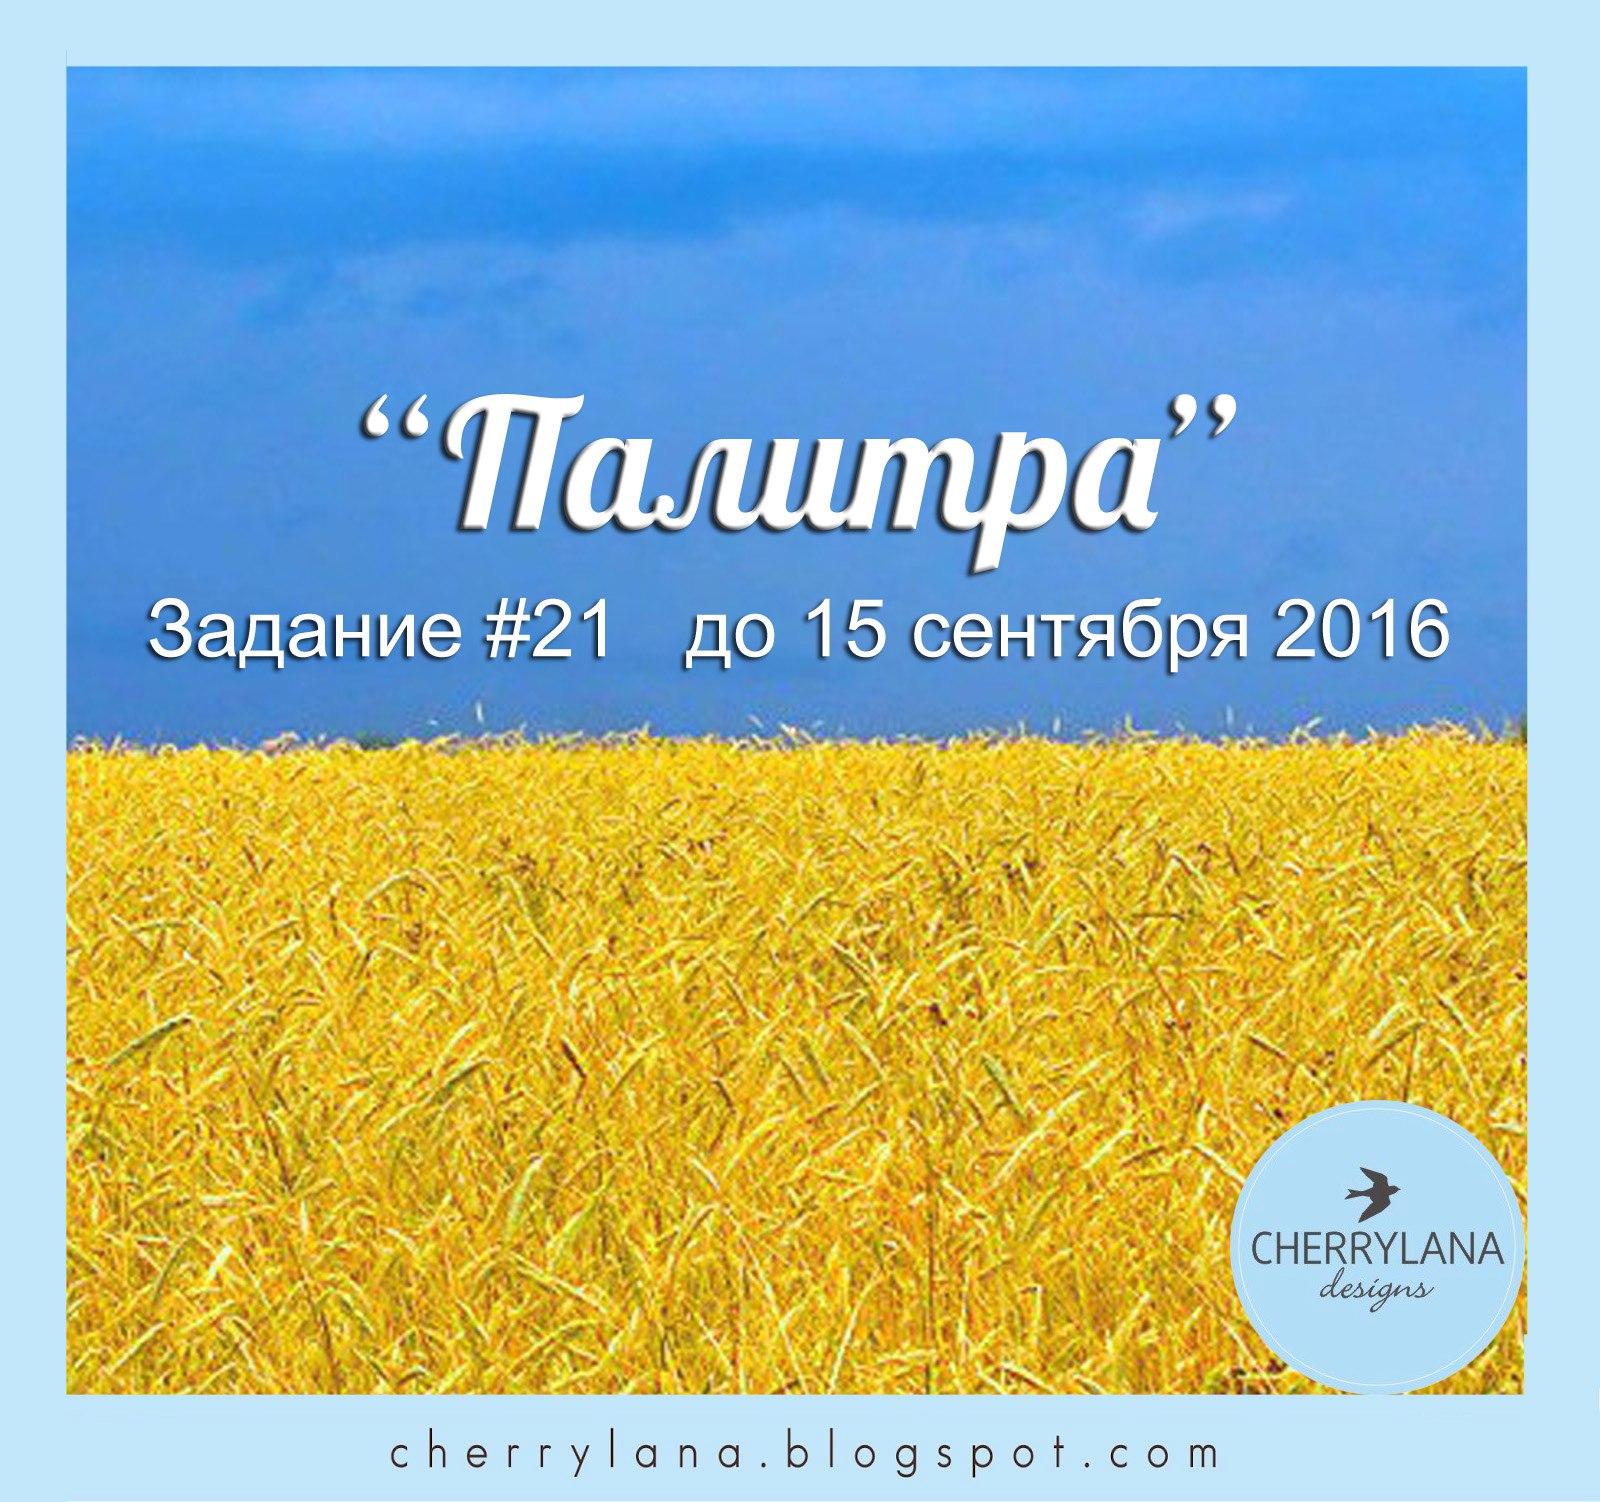 http://cherrylana.blogspot.com/2016/08/21.html